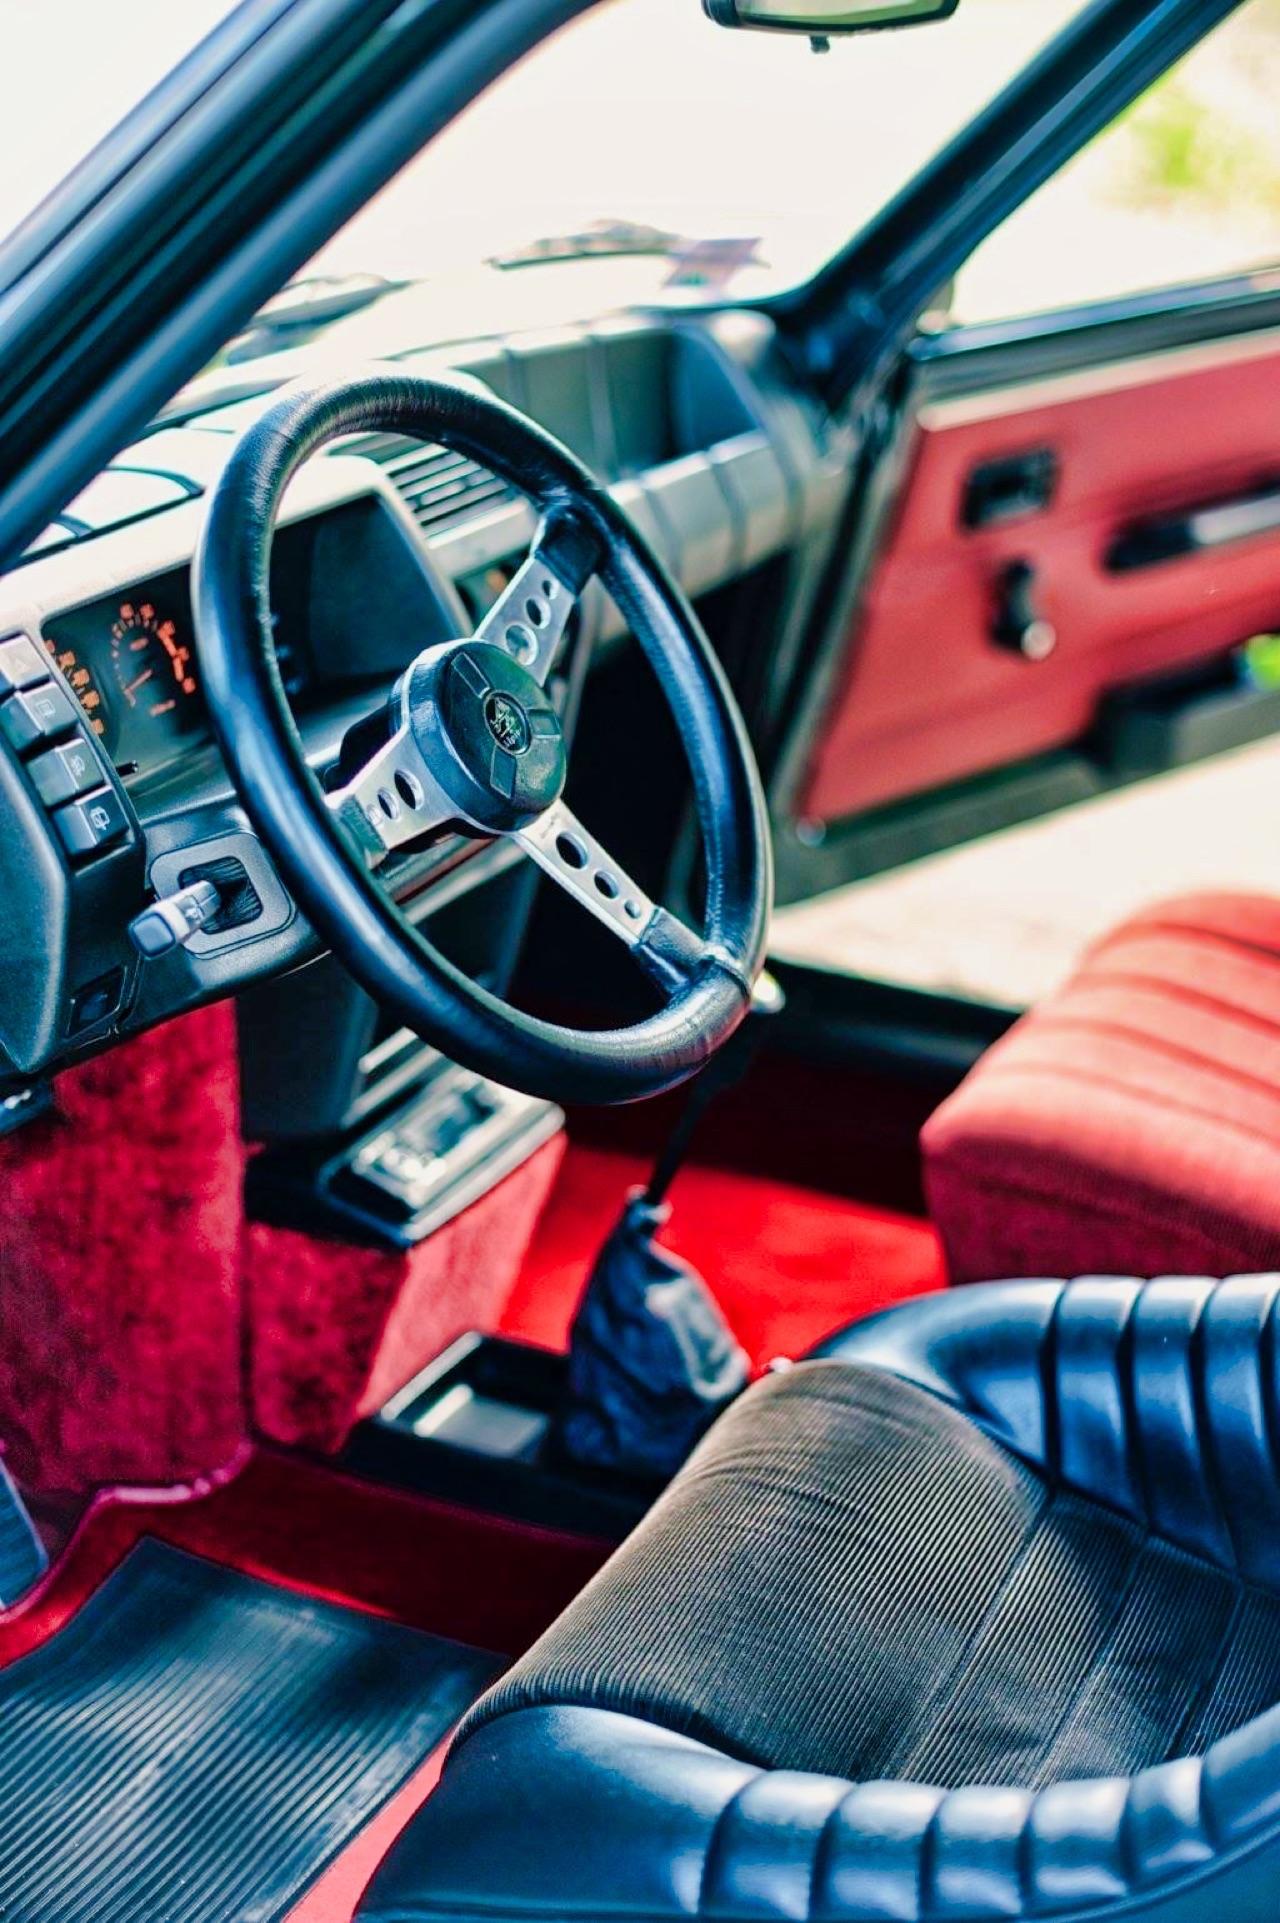 R5 Alpine Turbo... Avis de tempête sous l'capot ! 7